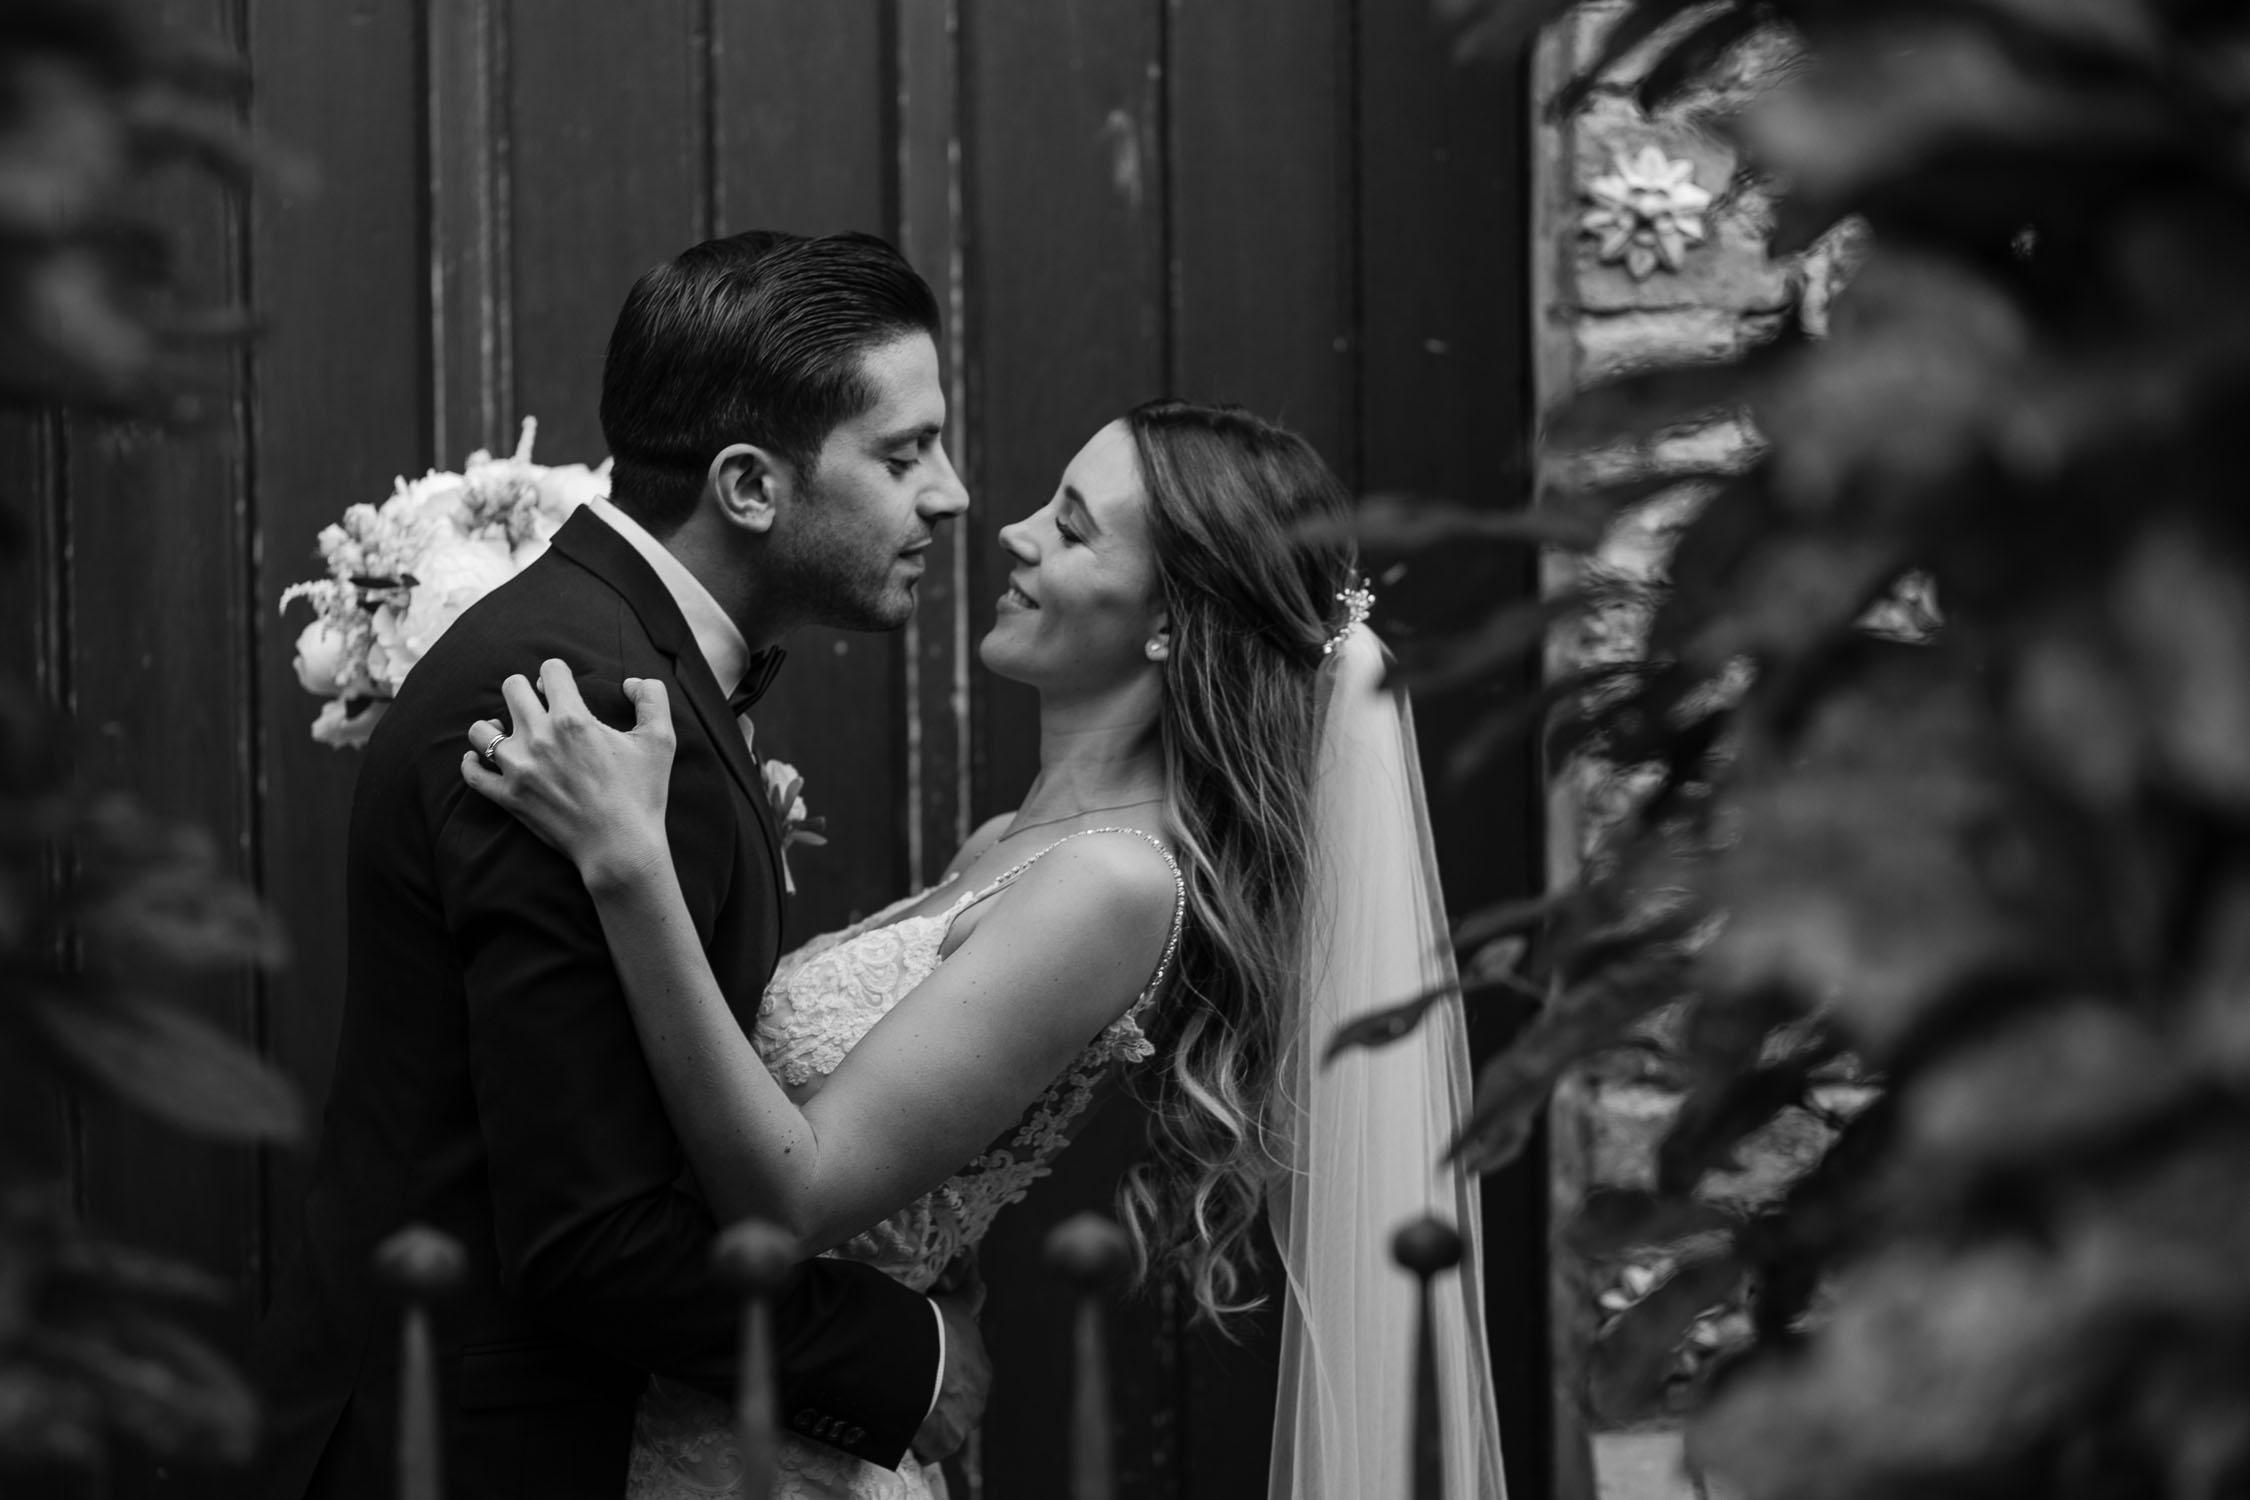 HochzeitsfotografKoeln BrautKleid AuthenticWeddingPhotography HochzeitsfotografDuesseldorf Hochzeitsfotograf HochzeitsfotografNRW AndreBastosFotografie51